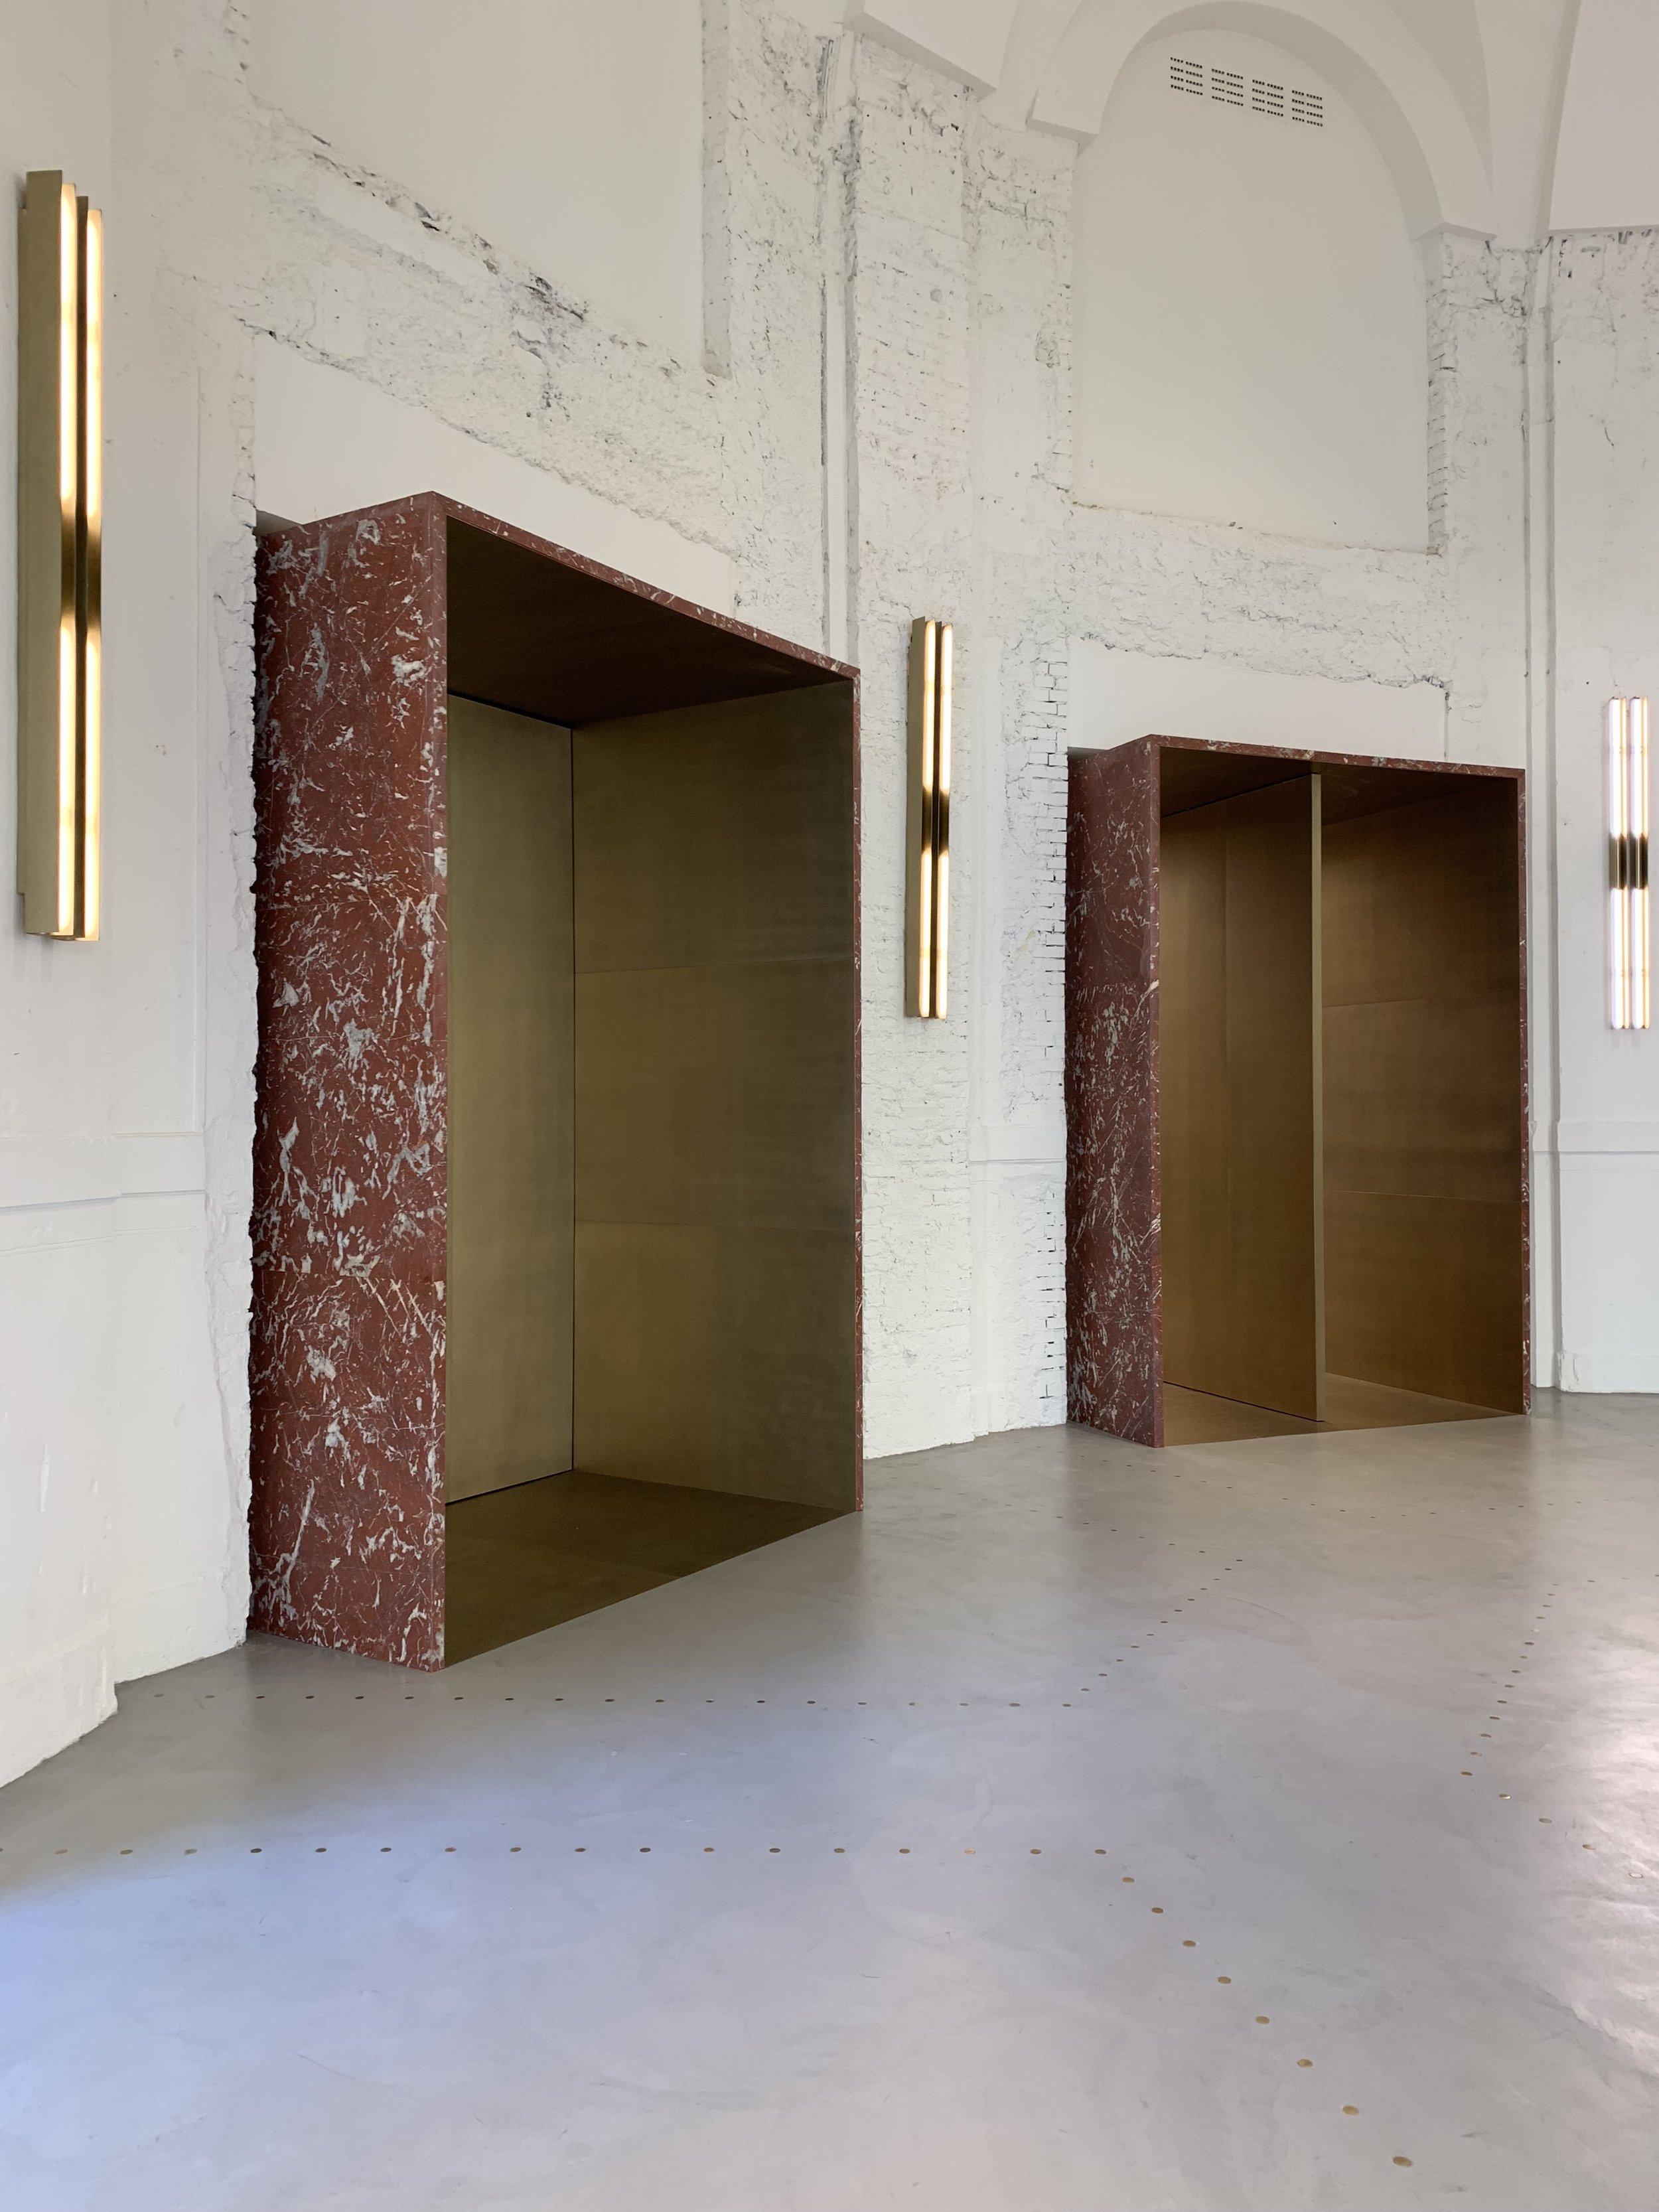 013 Salone del Mobile 2019 Lex de gooijer interiors rotterdam.JPG